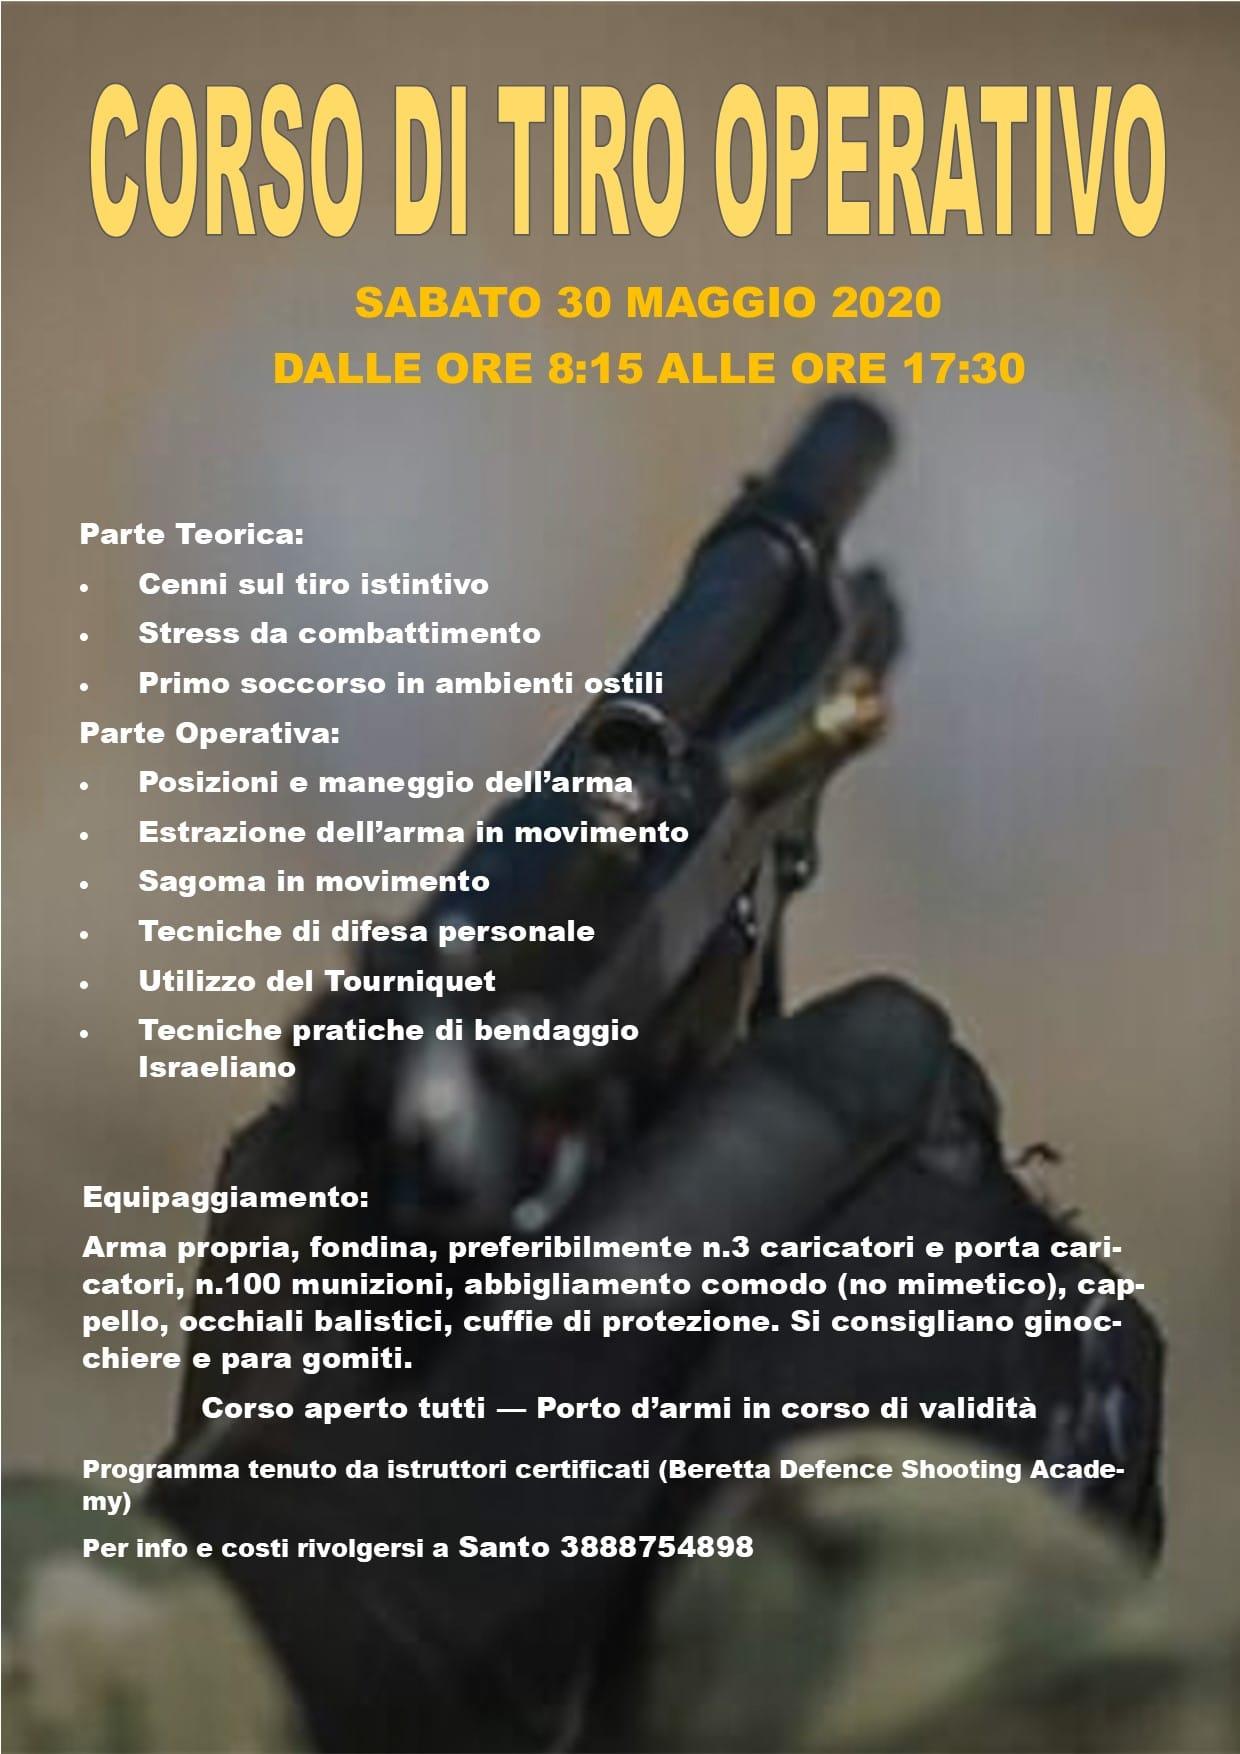 300520 Corso Tiro Operativo